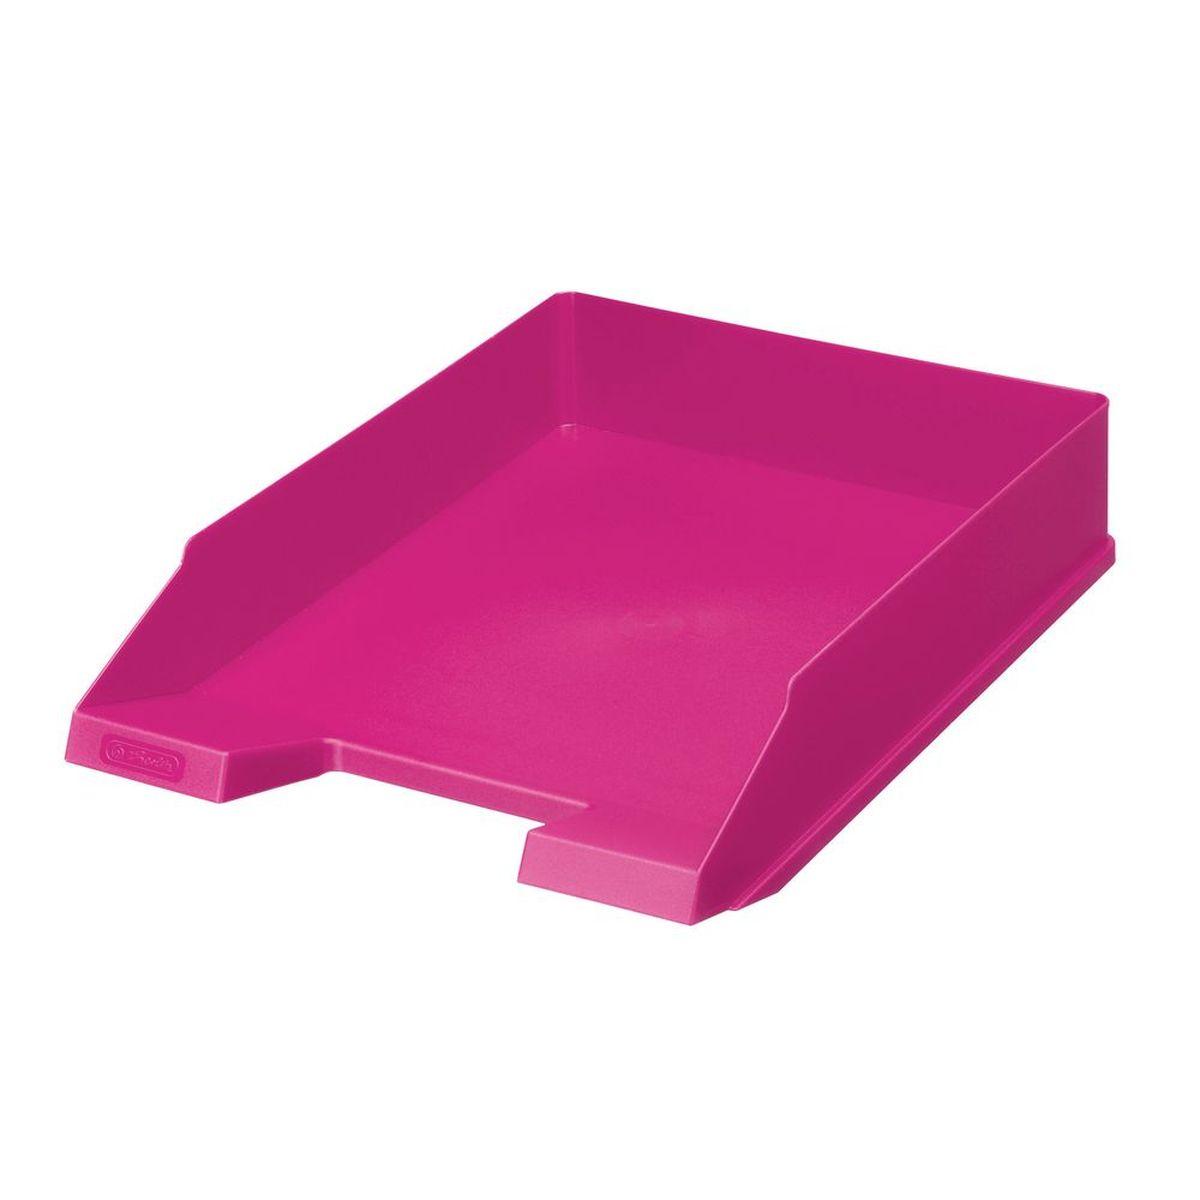 Herlitz Лоток для бумаг Colour Blocking цвет розовый -  Лотки, подставки для бумаг